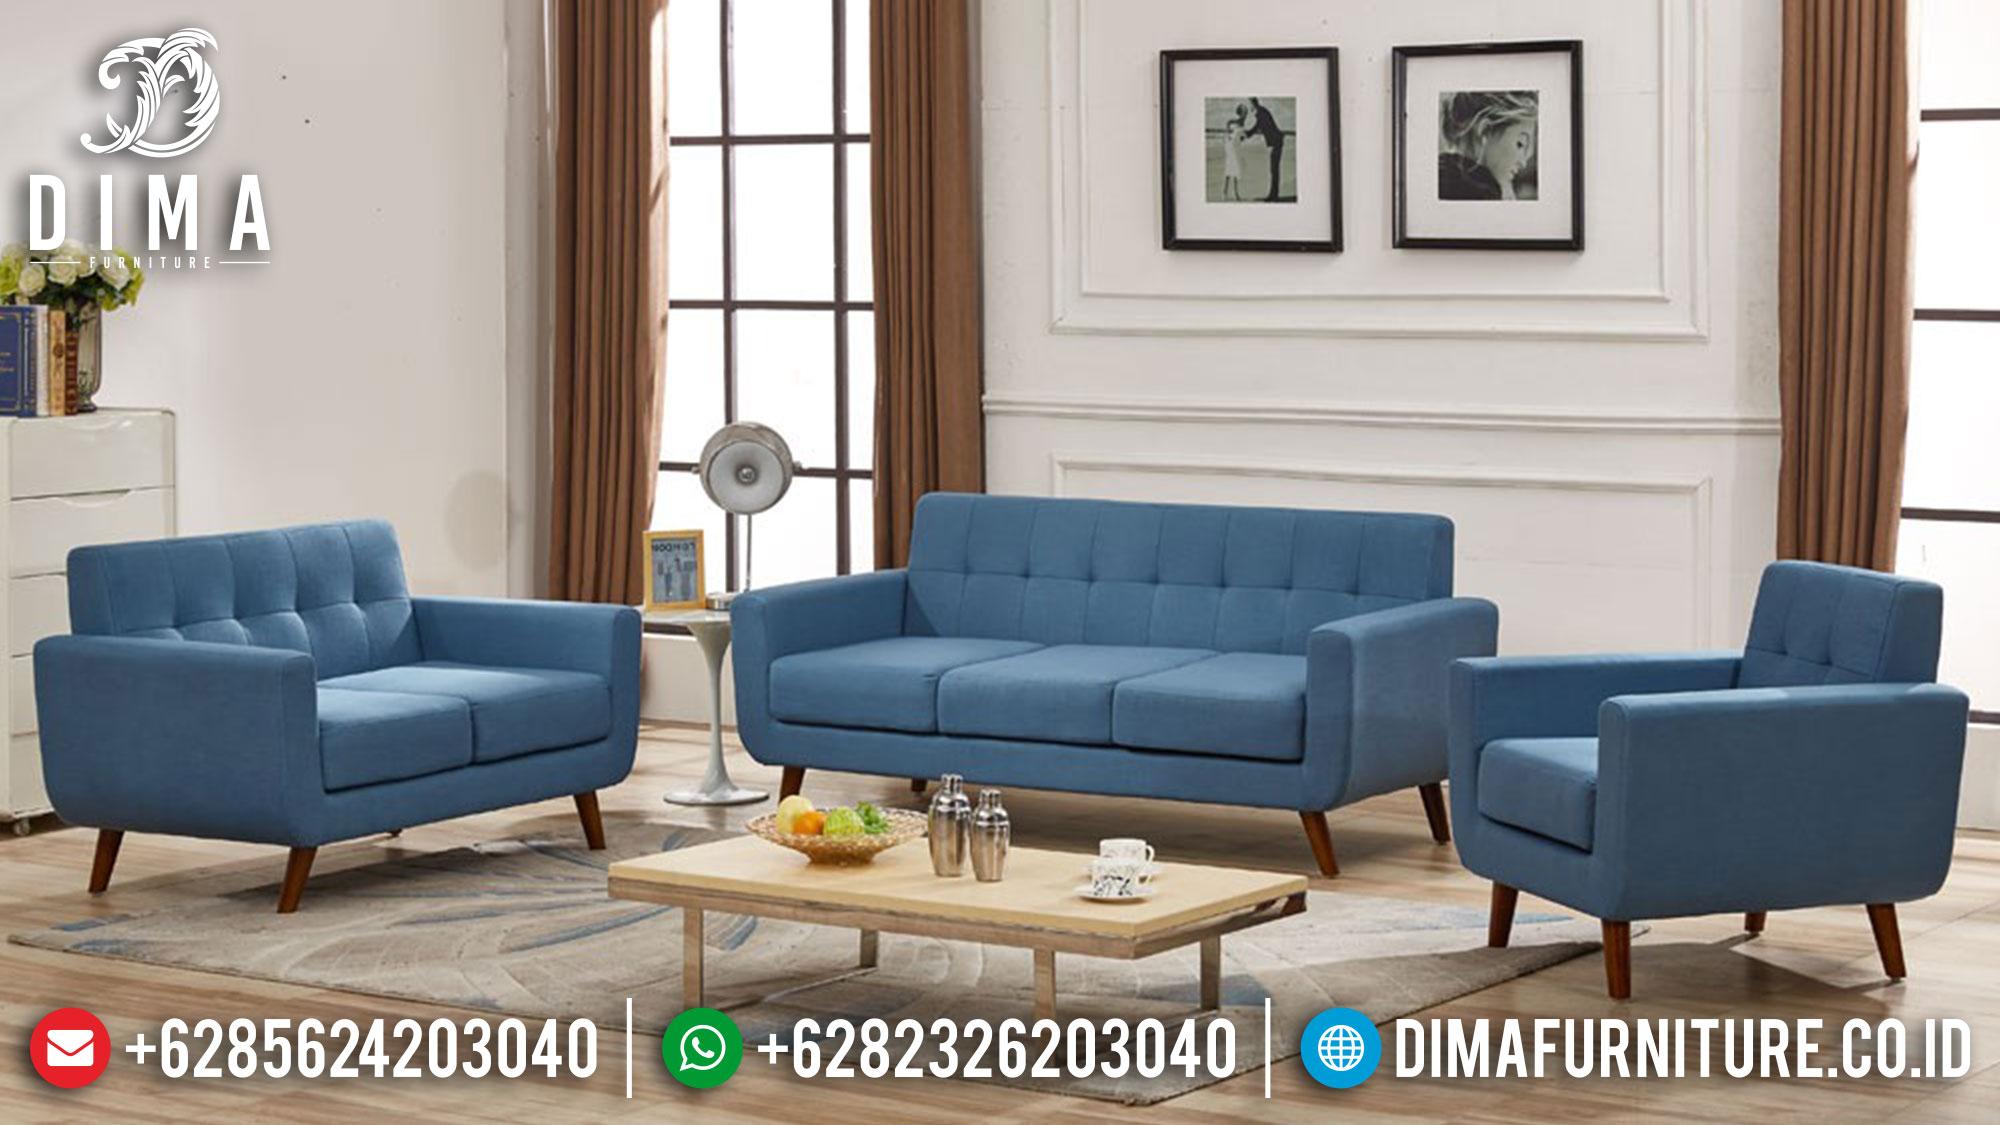 Sofa Tamu Jepara Mewah Minimalis Terbaru 17 Dima Furniture Jepara